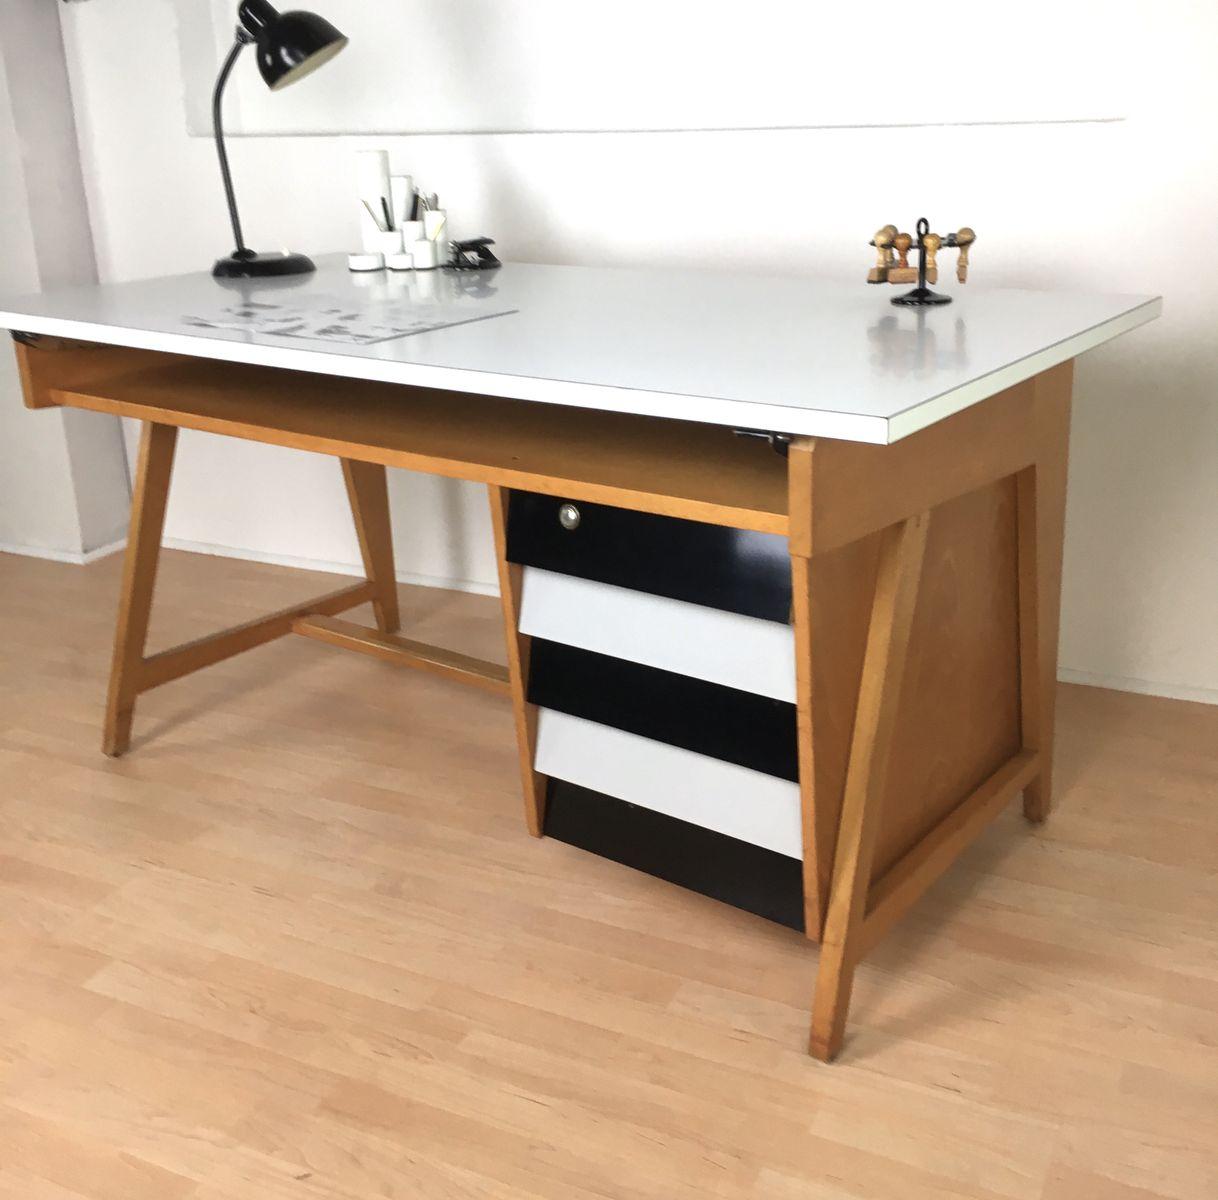 deutscher mid century schreibtisch von leuwico 1960er bei pamono kaufen. Black Bedroom Furniture Sets. Home Design Ideas